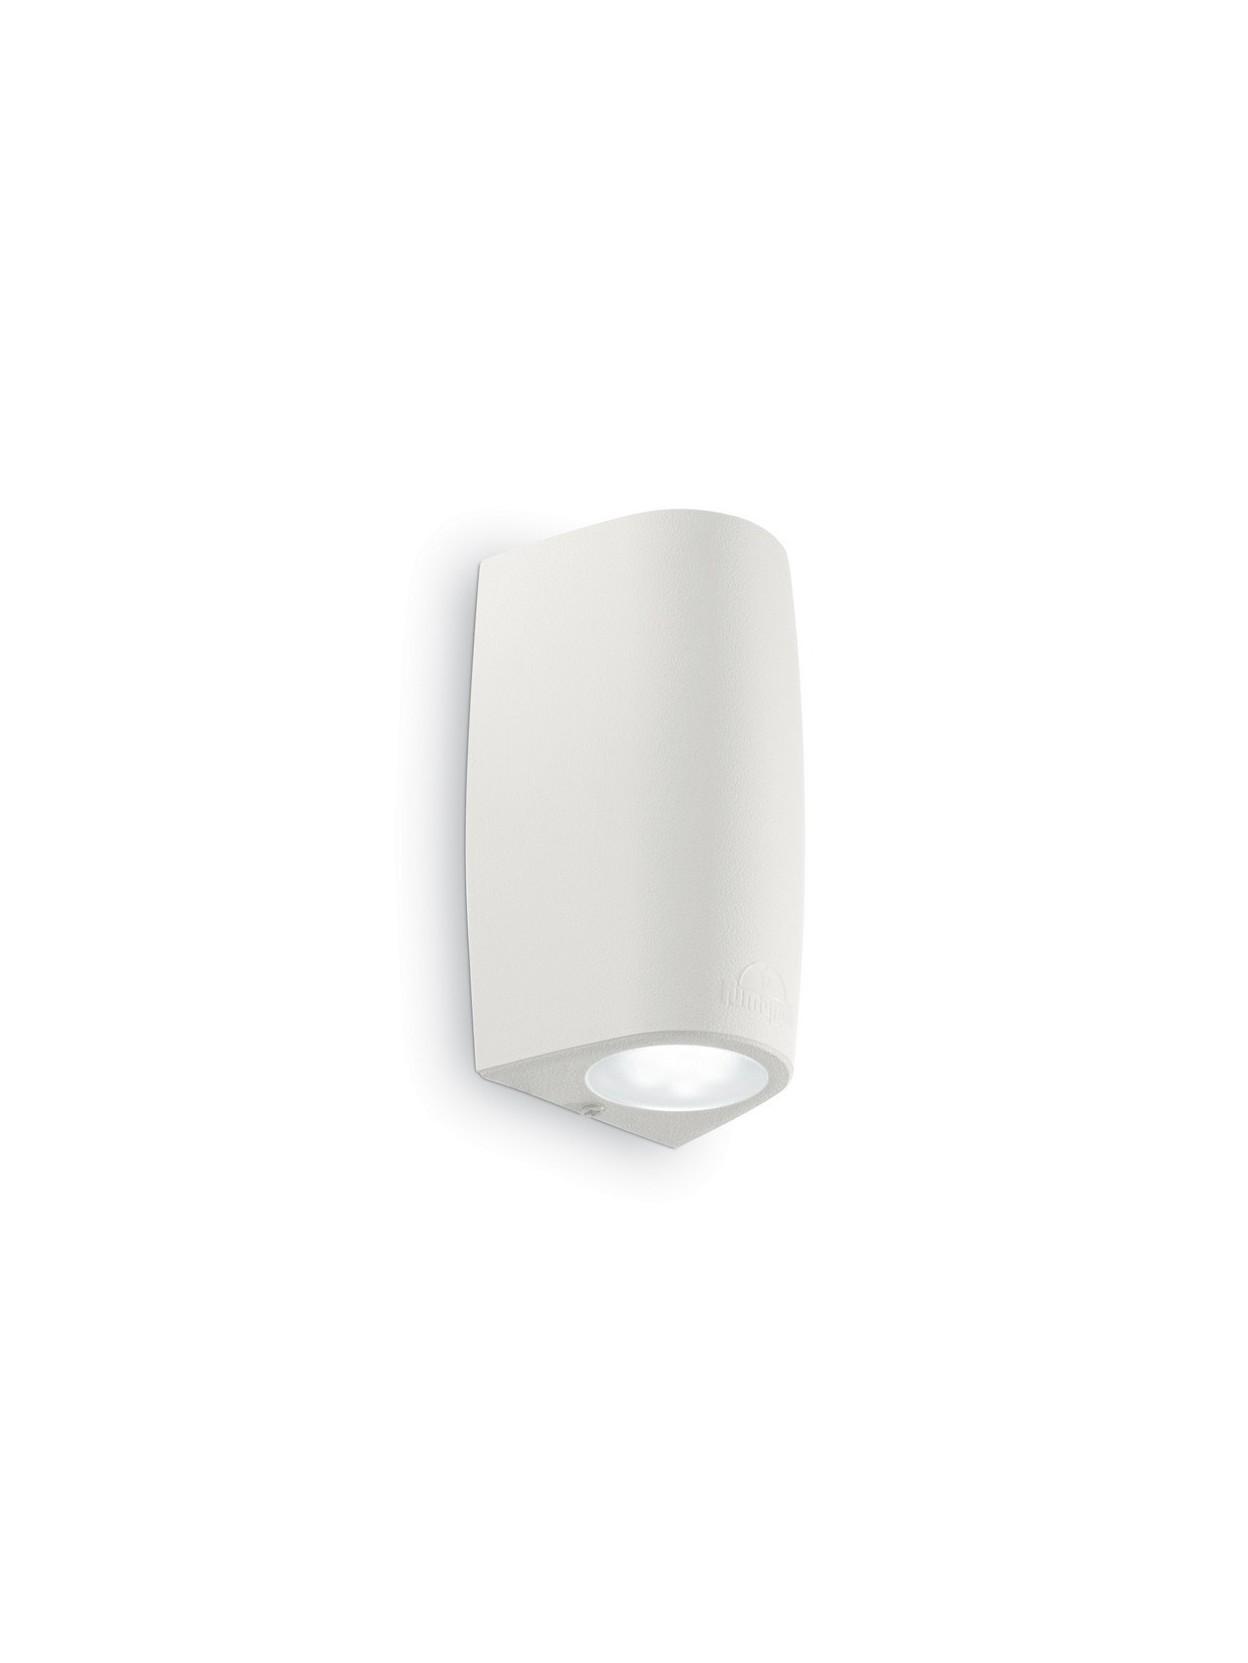 Applique da esterno a led moderno keope ap2 small bianco - Applique led esterno ...